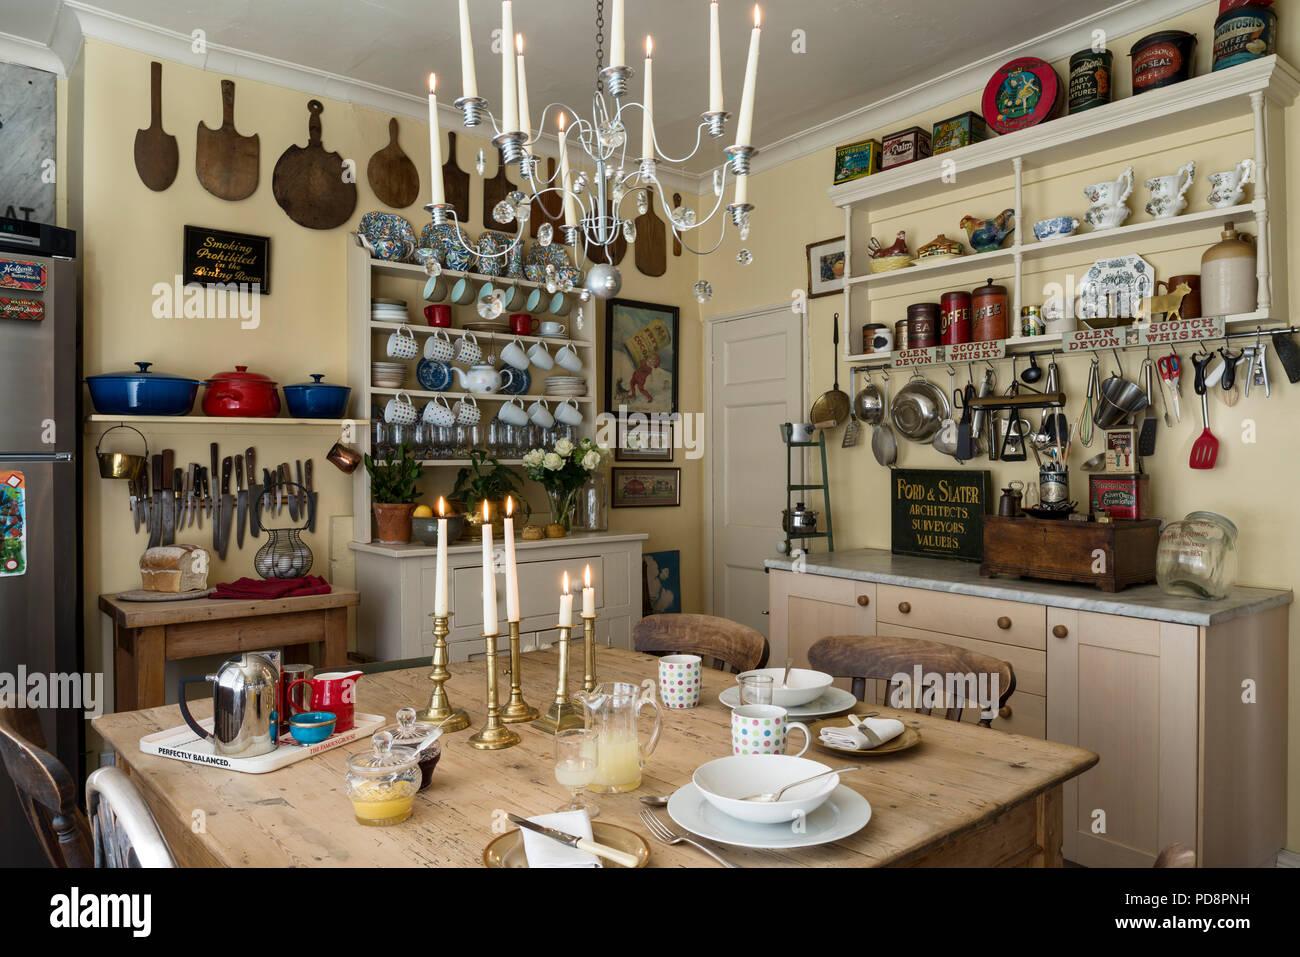 Lampadario Rustico Ceramica : Accogliente e rustico sensazione cucina con ikea lampadario